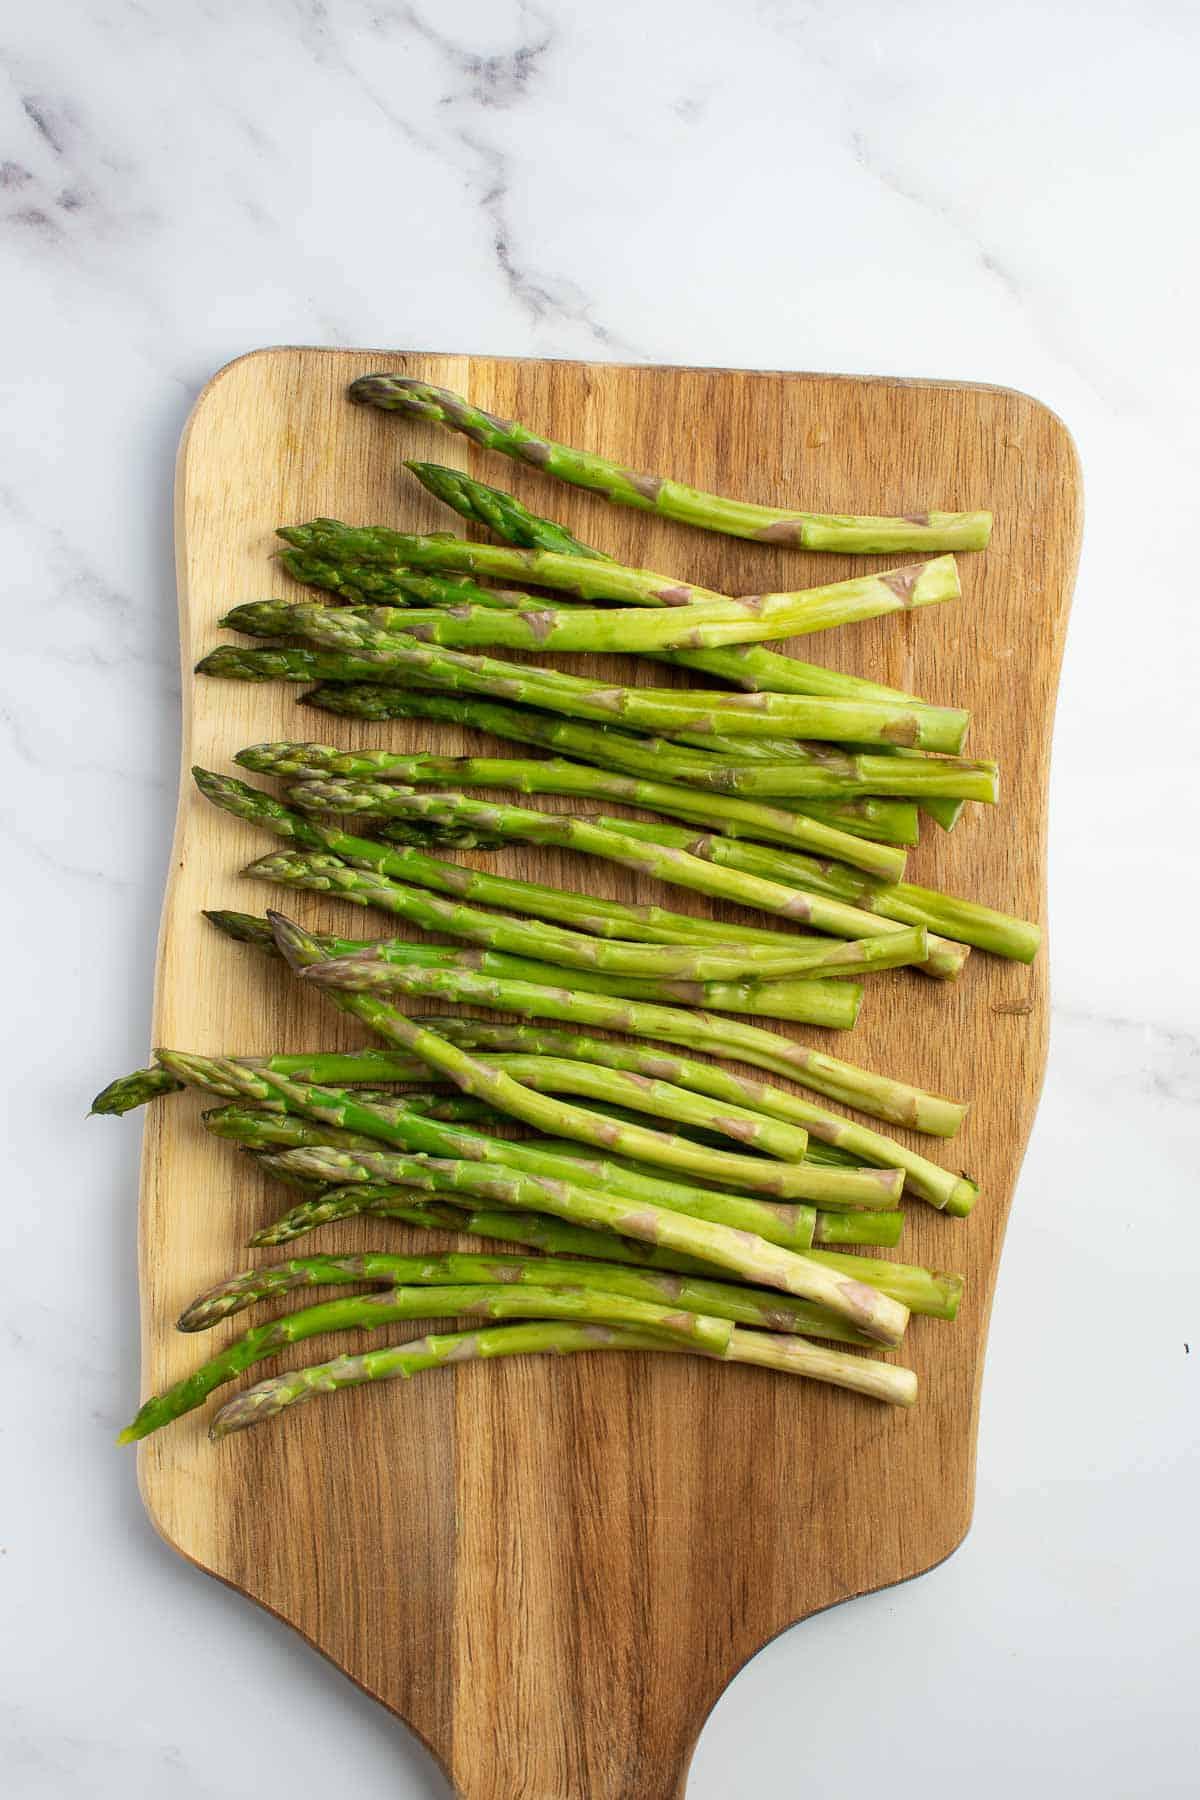 Asparagus on a chopping board.